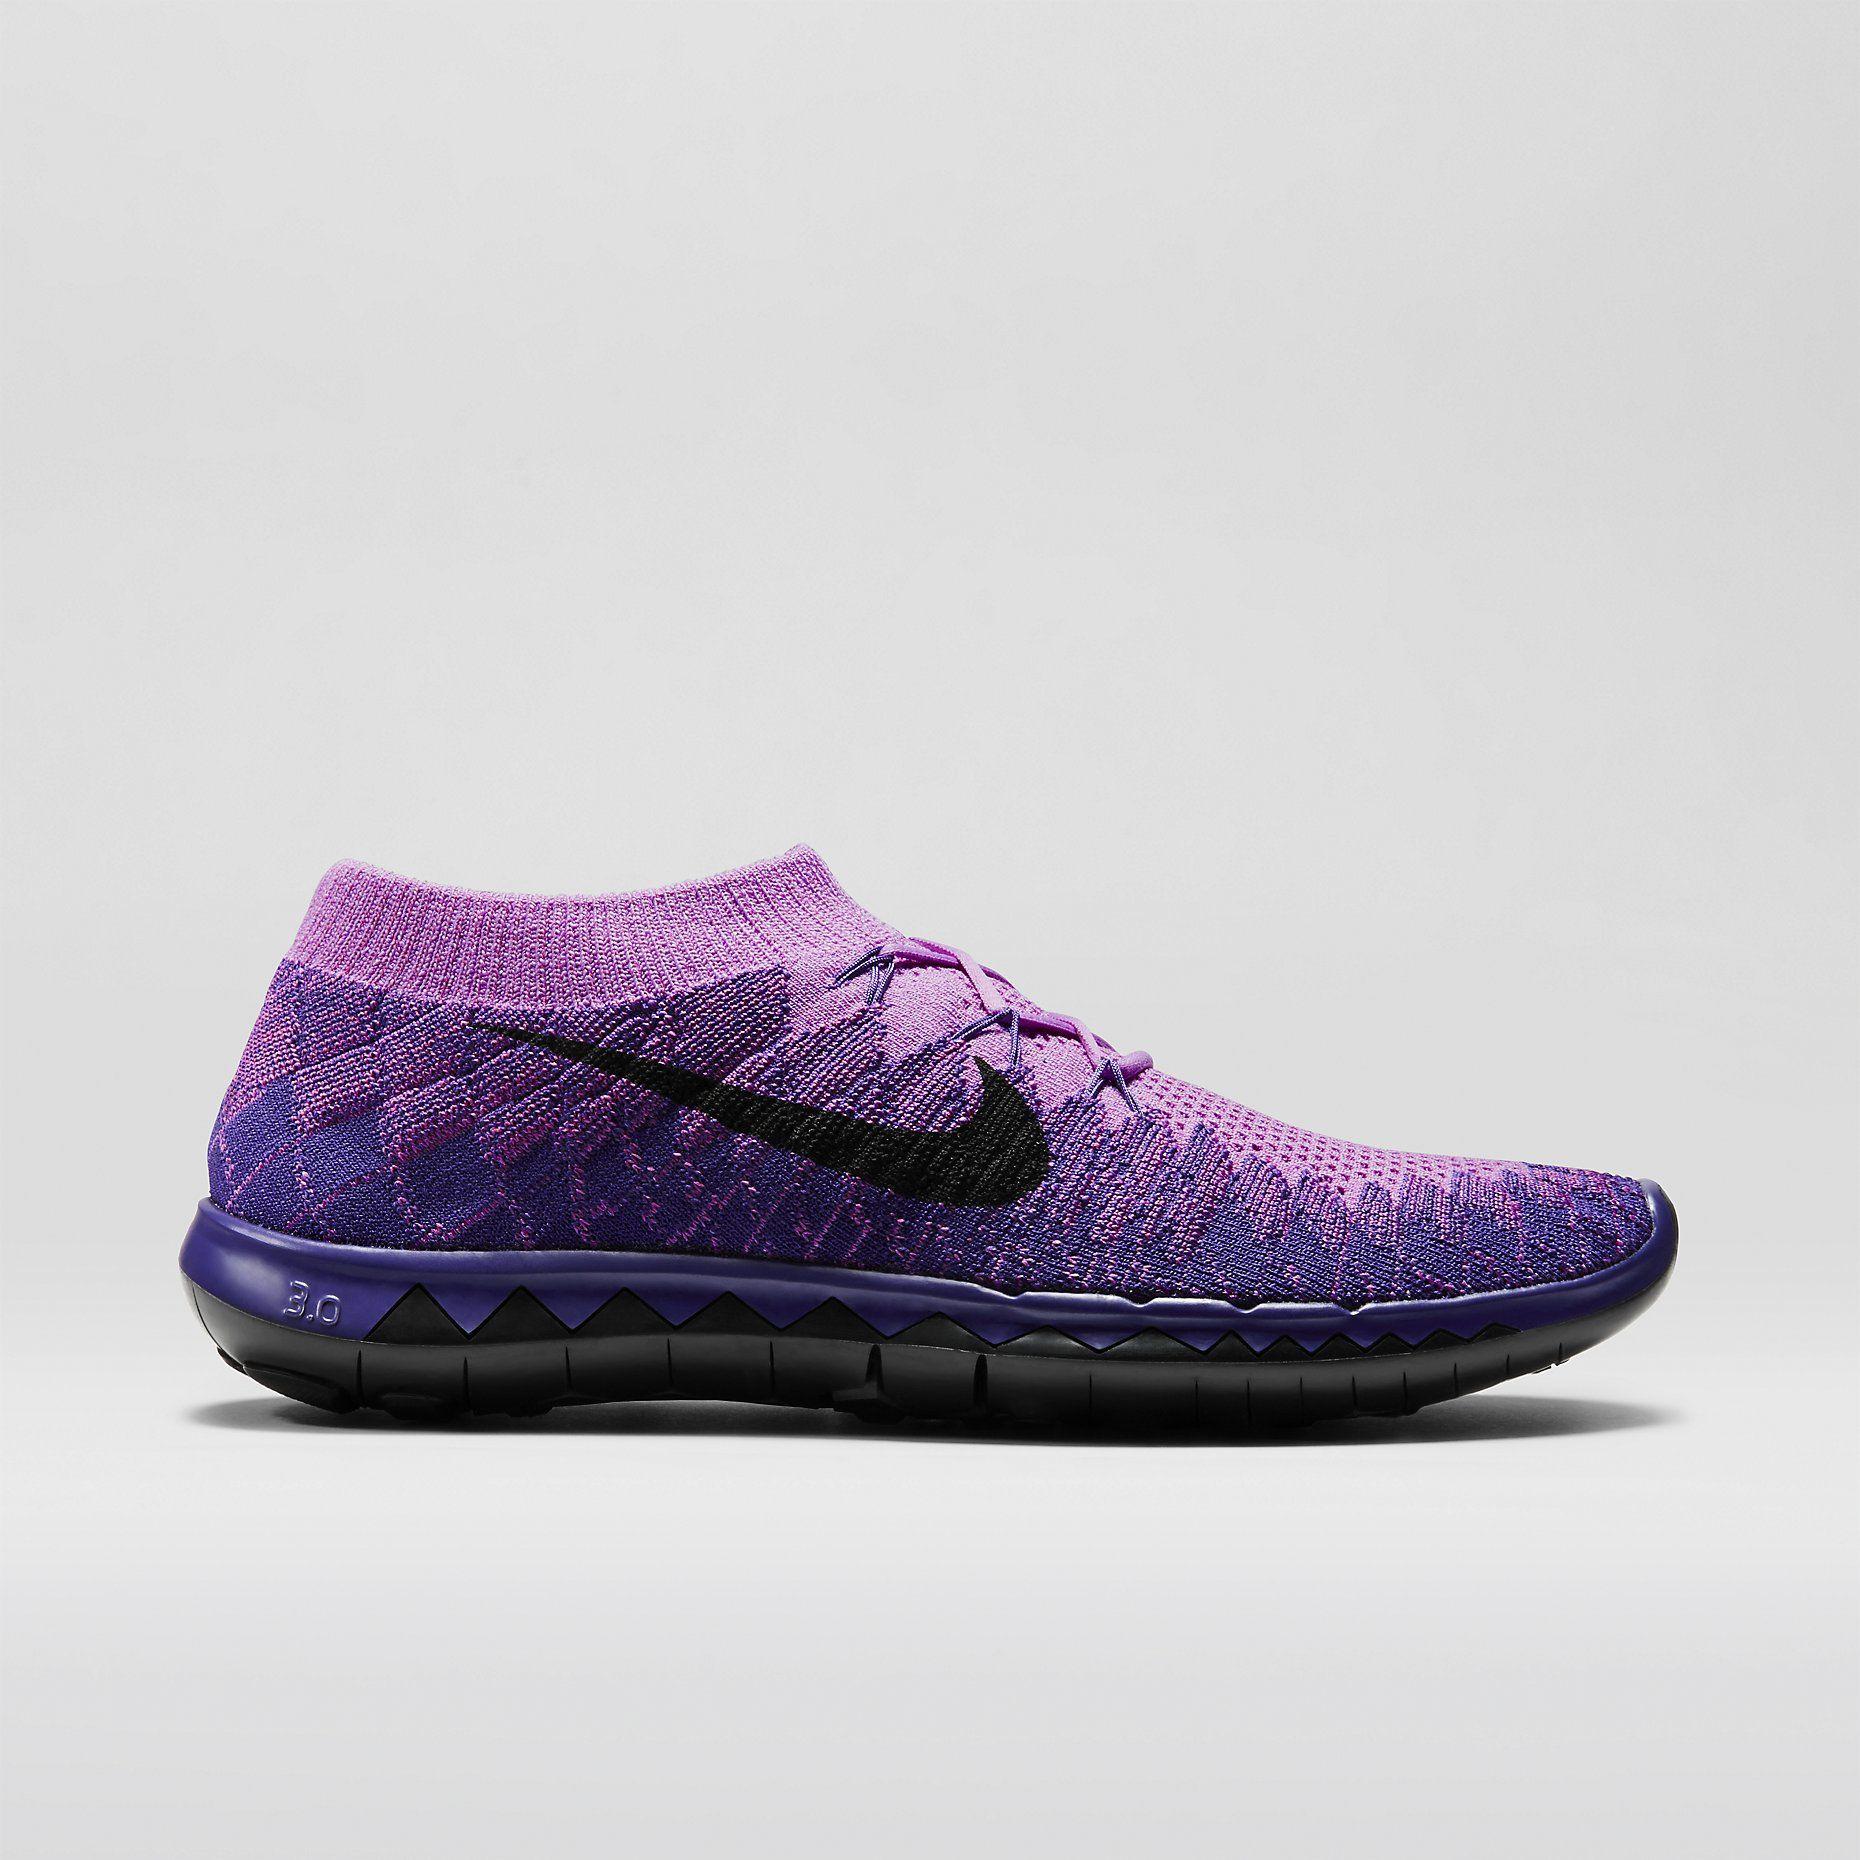 venta baúl aclaramiento gran sorpresa Nike Free 3.0 Flyknit Para Mujer Zapatos Tenis De Color Púrpura envío libre asequible 9ajAv50CK